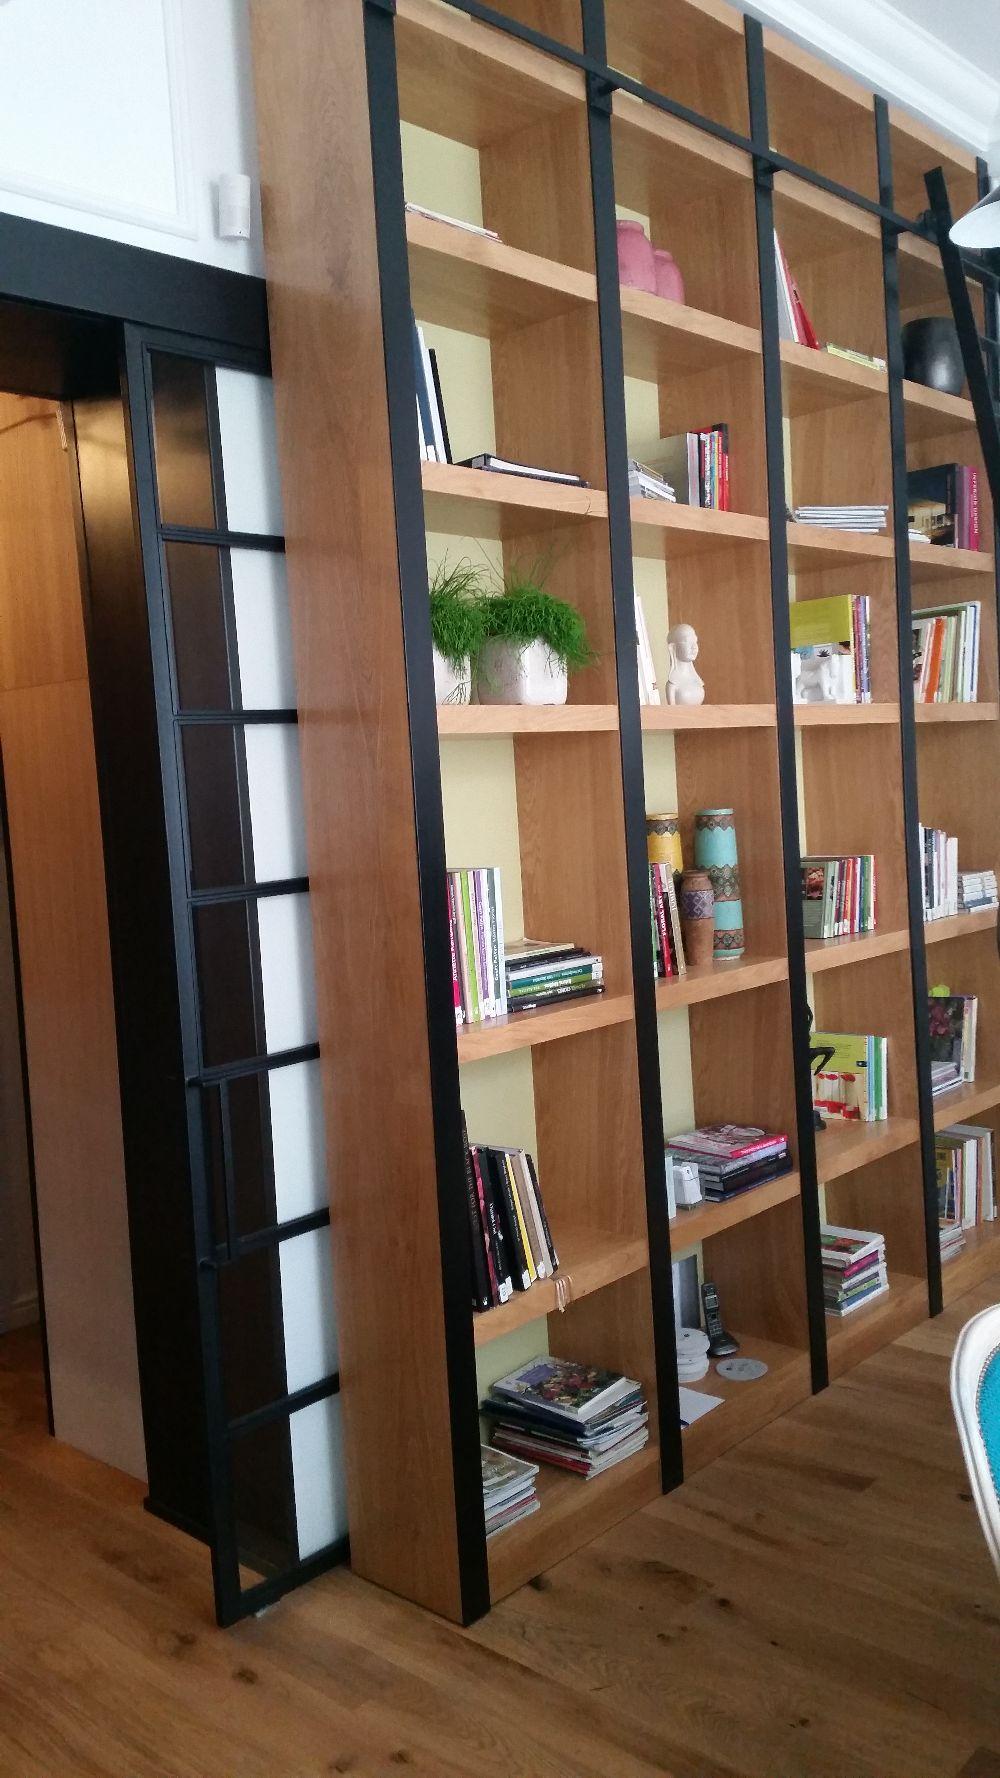 adelaparvu.com despre atelierul designerului florist Nicu Bocancea, Foraria Iris, design interior Pascal Delmotte (12)